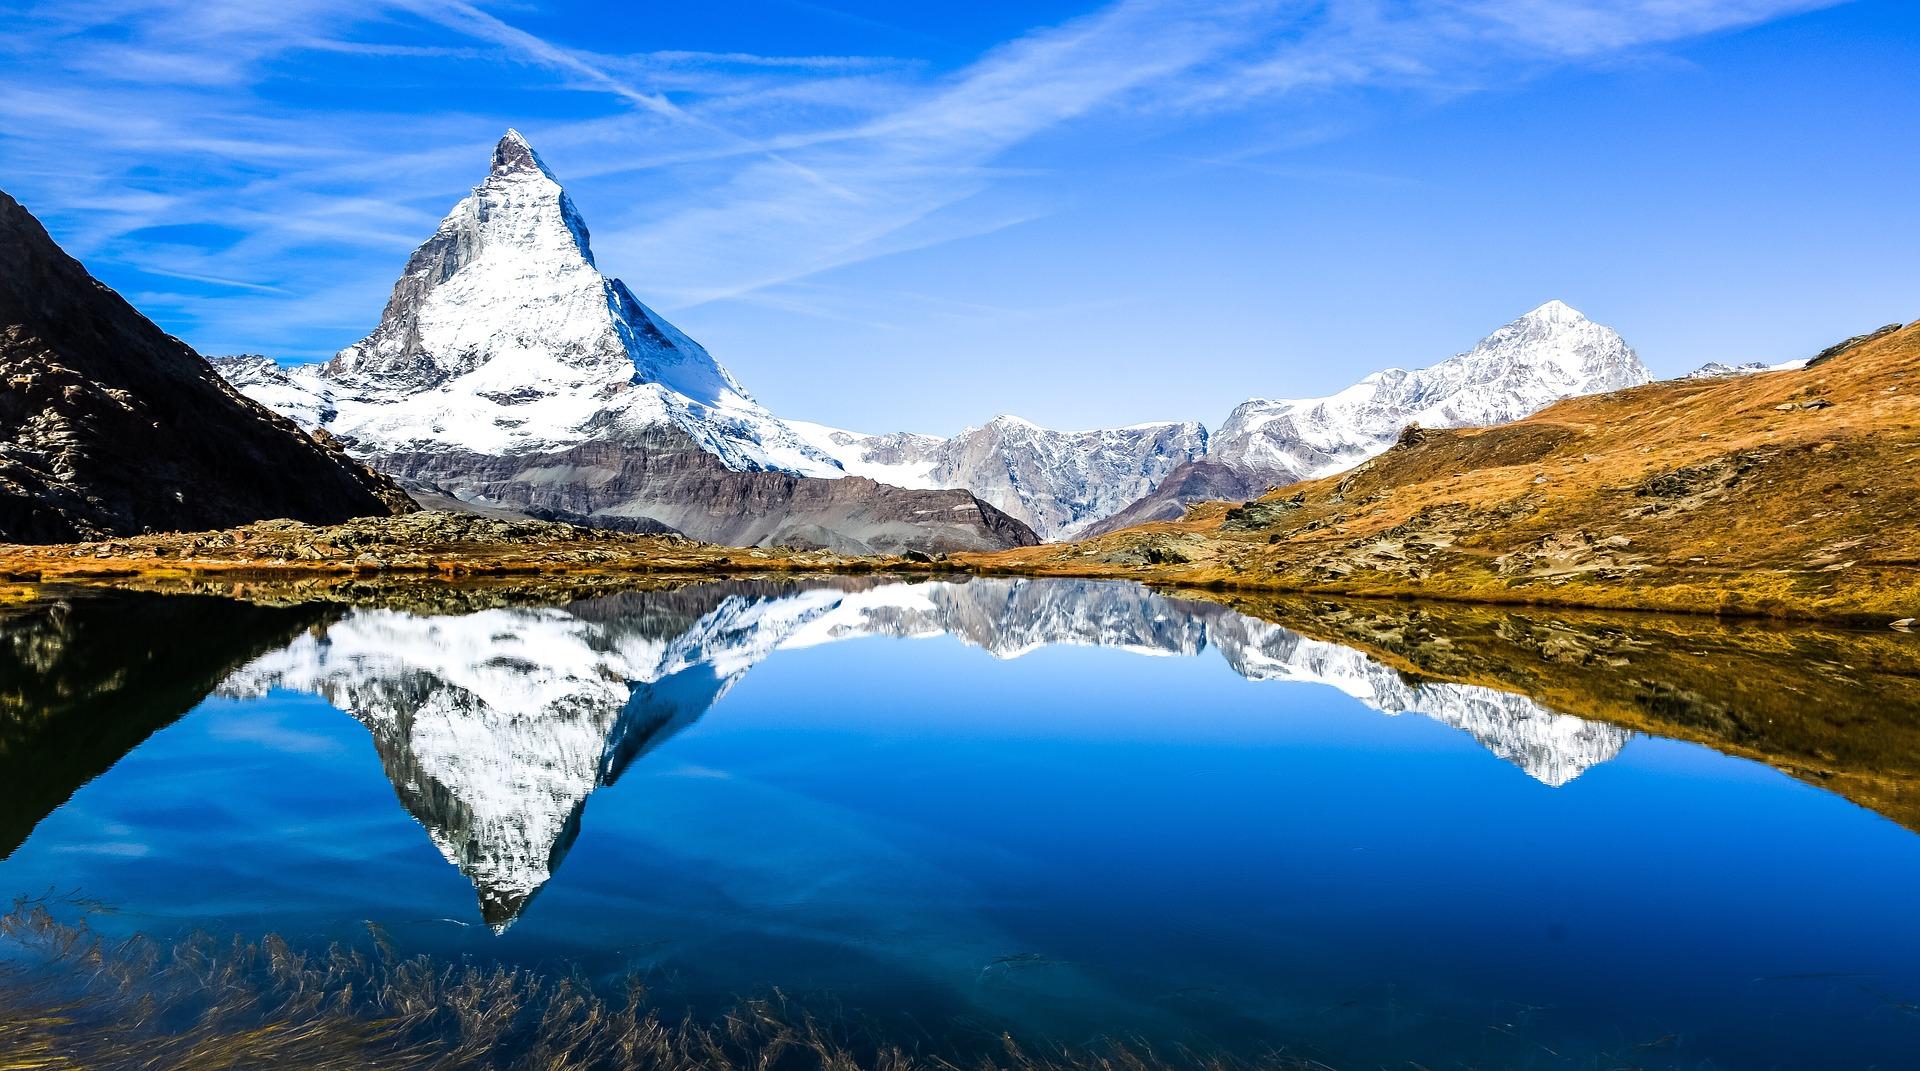 Package Ski Trip Swiss 8D5N เที่ยวด้วยตนเอง ไม่รวมตั๋วเครื่องบิน ราคาเริ่มต้น 48,500 บาท เหมาะสำหรับผู้ที่ใช้ภาษาอังกฤษได้เท่านั้น